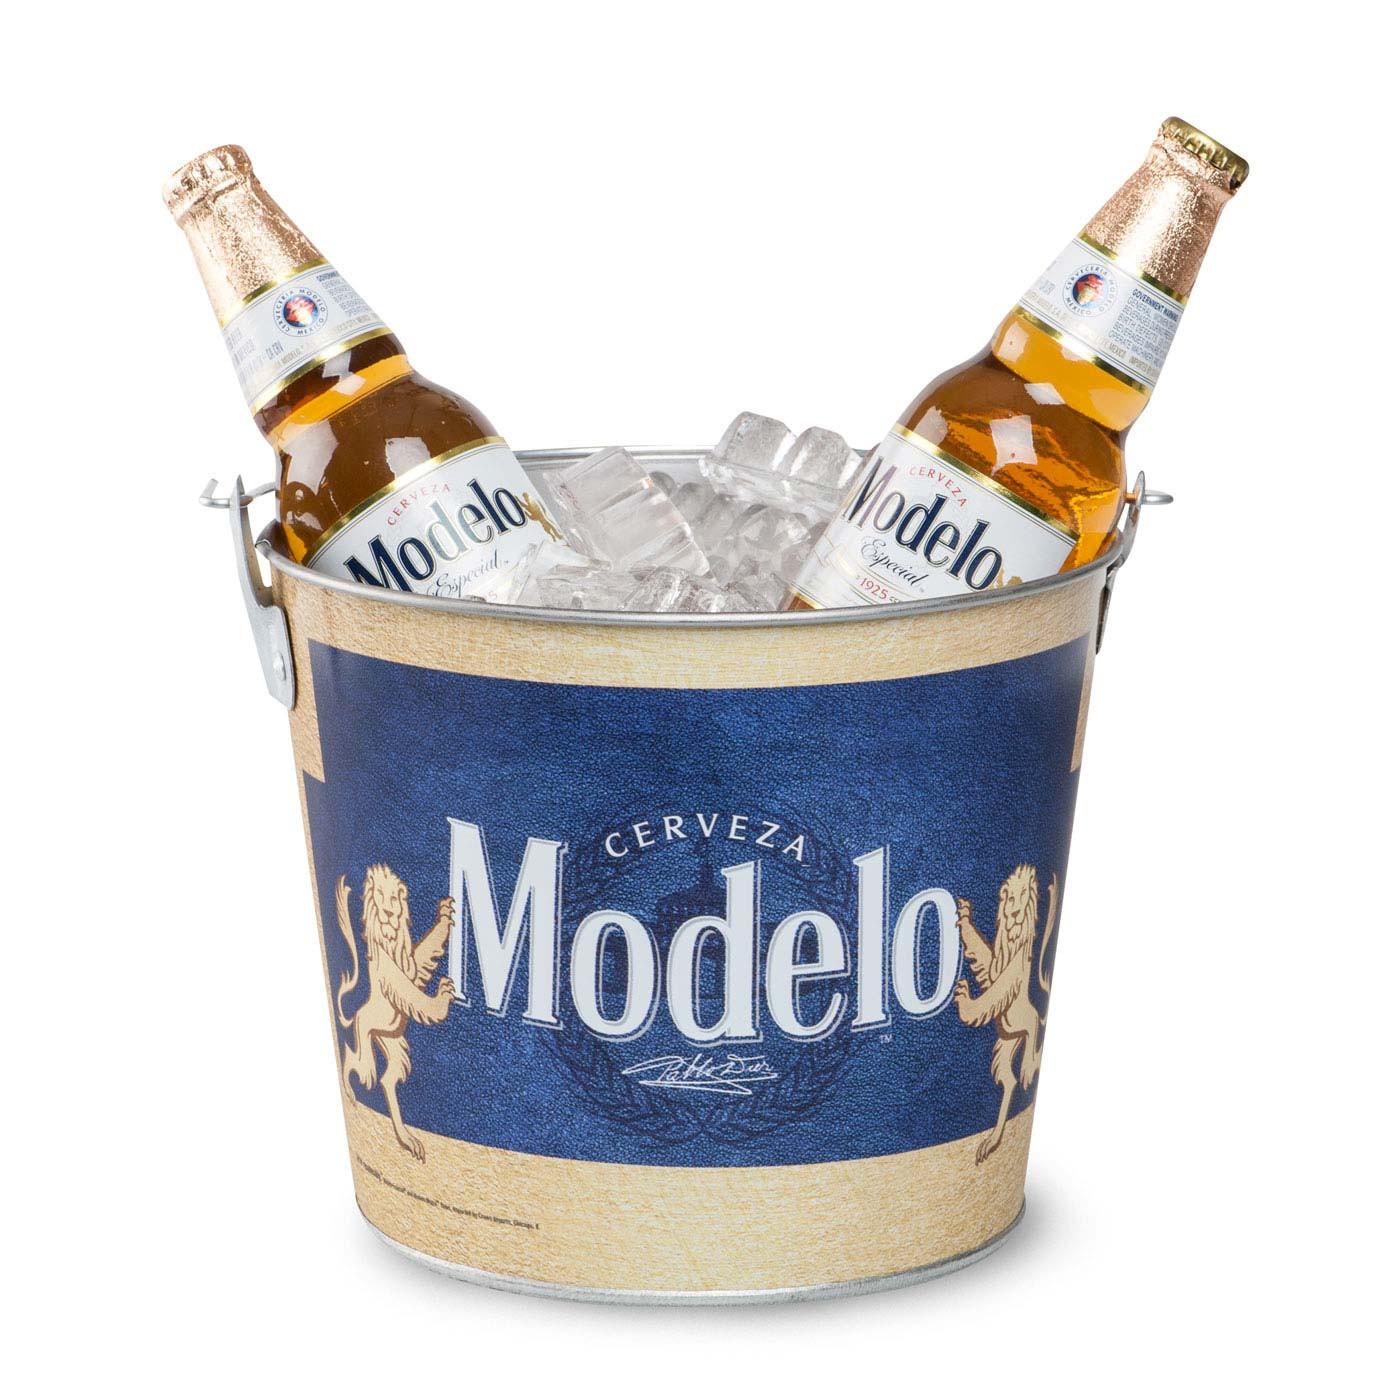 Modelo Beer Bucket With Built In Bottle Opener